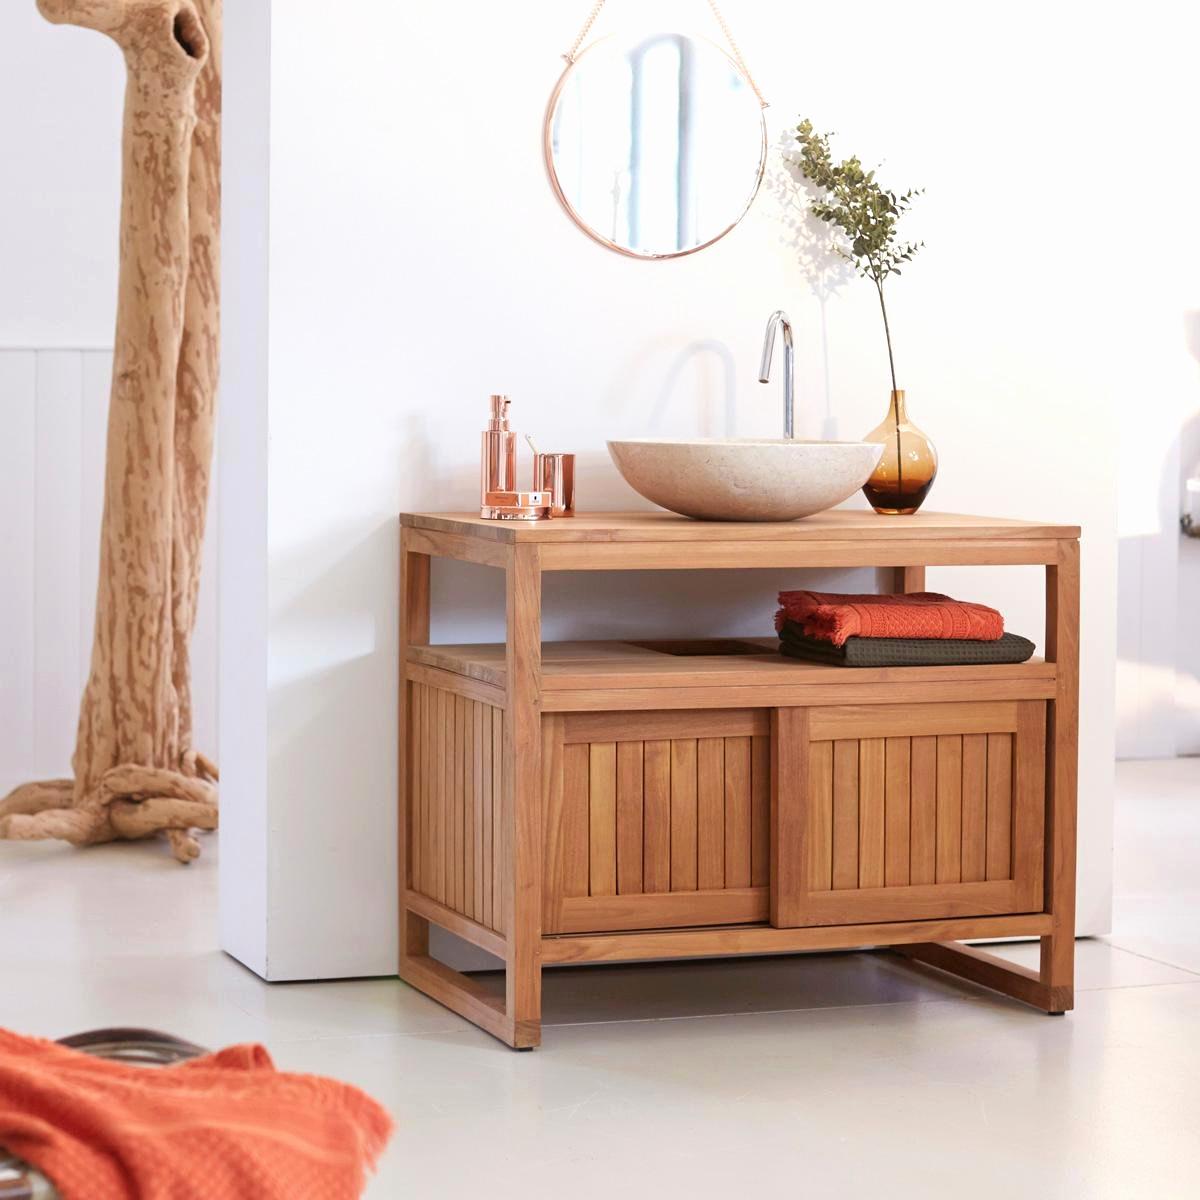 Ikea Meuble sous Vasque Beau Photos Beau S De Ikea Meuble sous Vasque